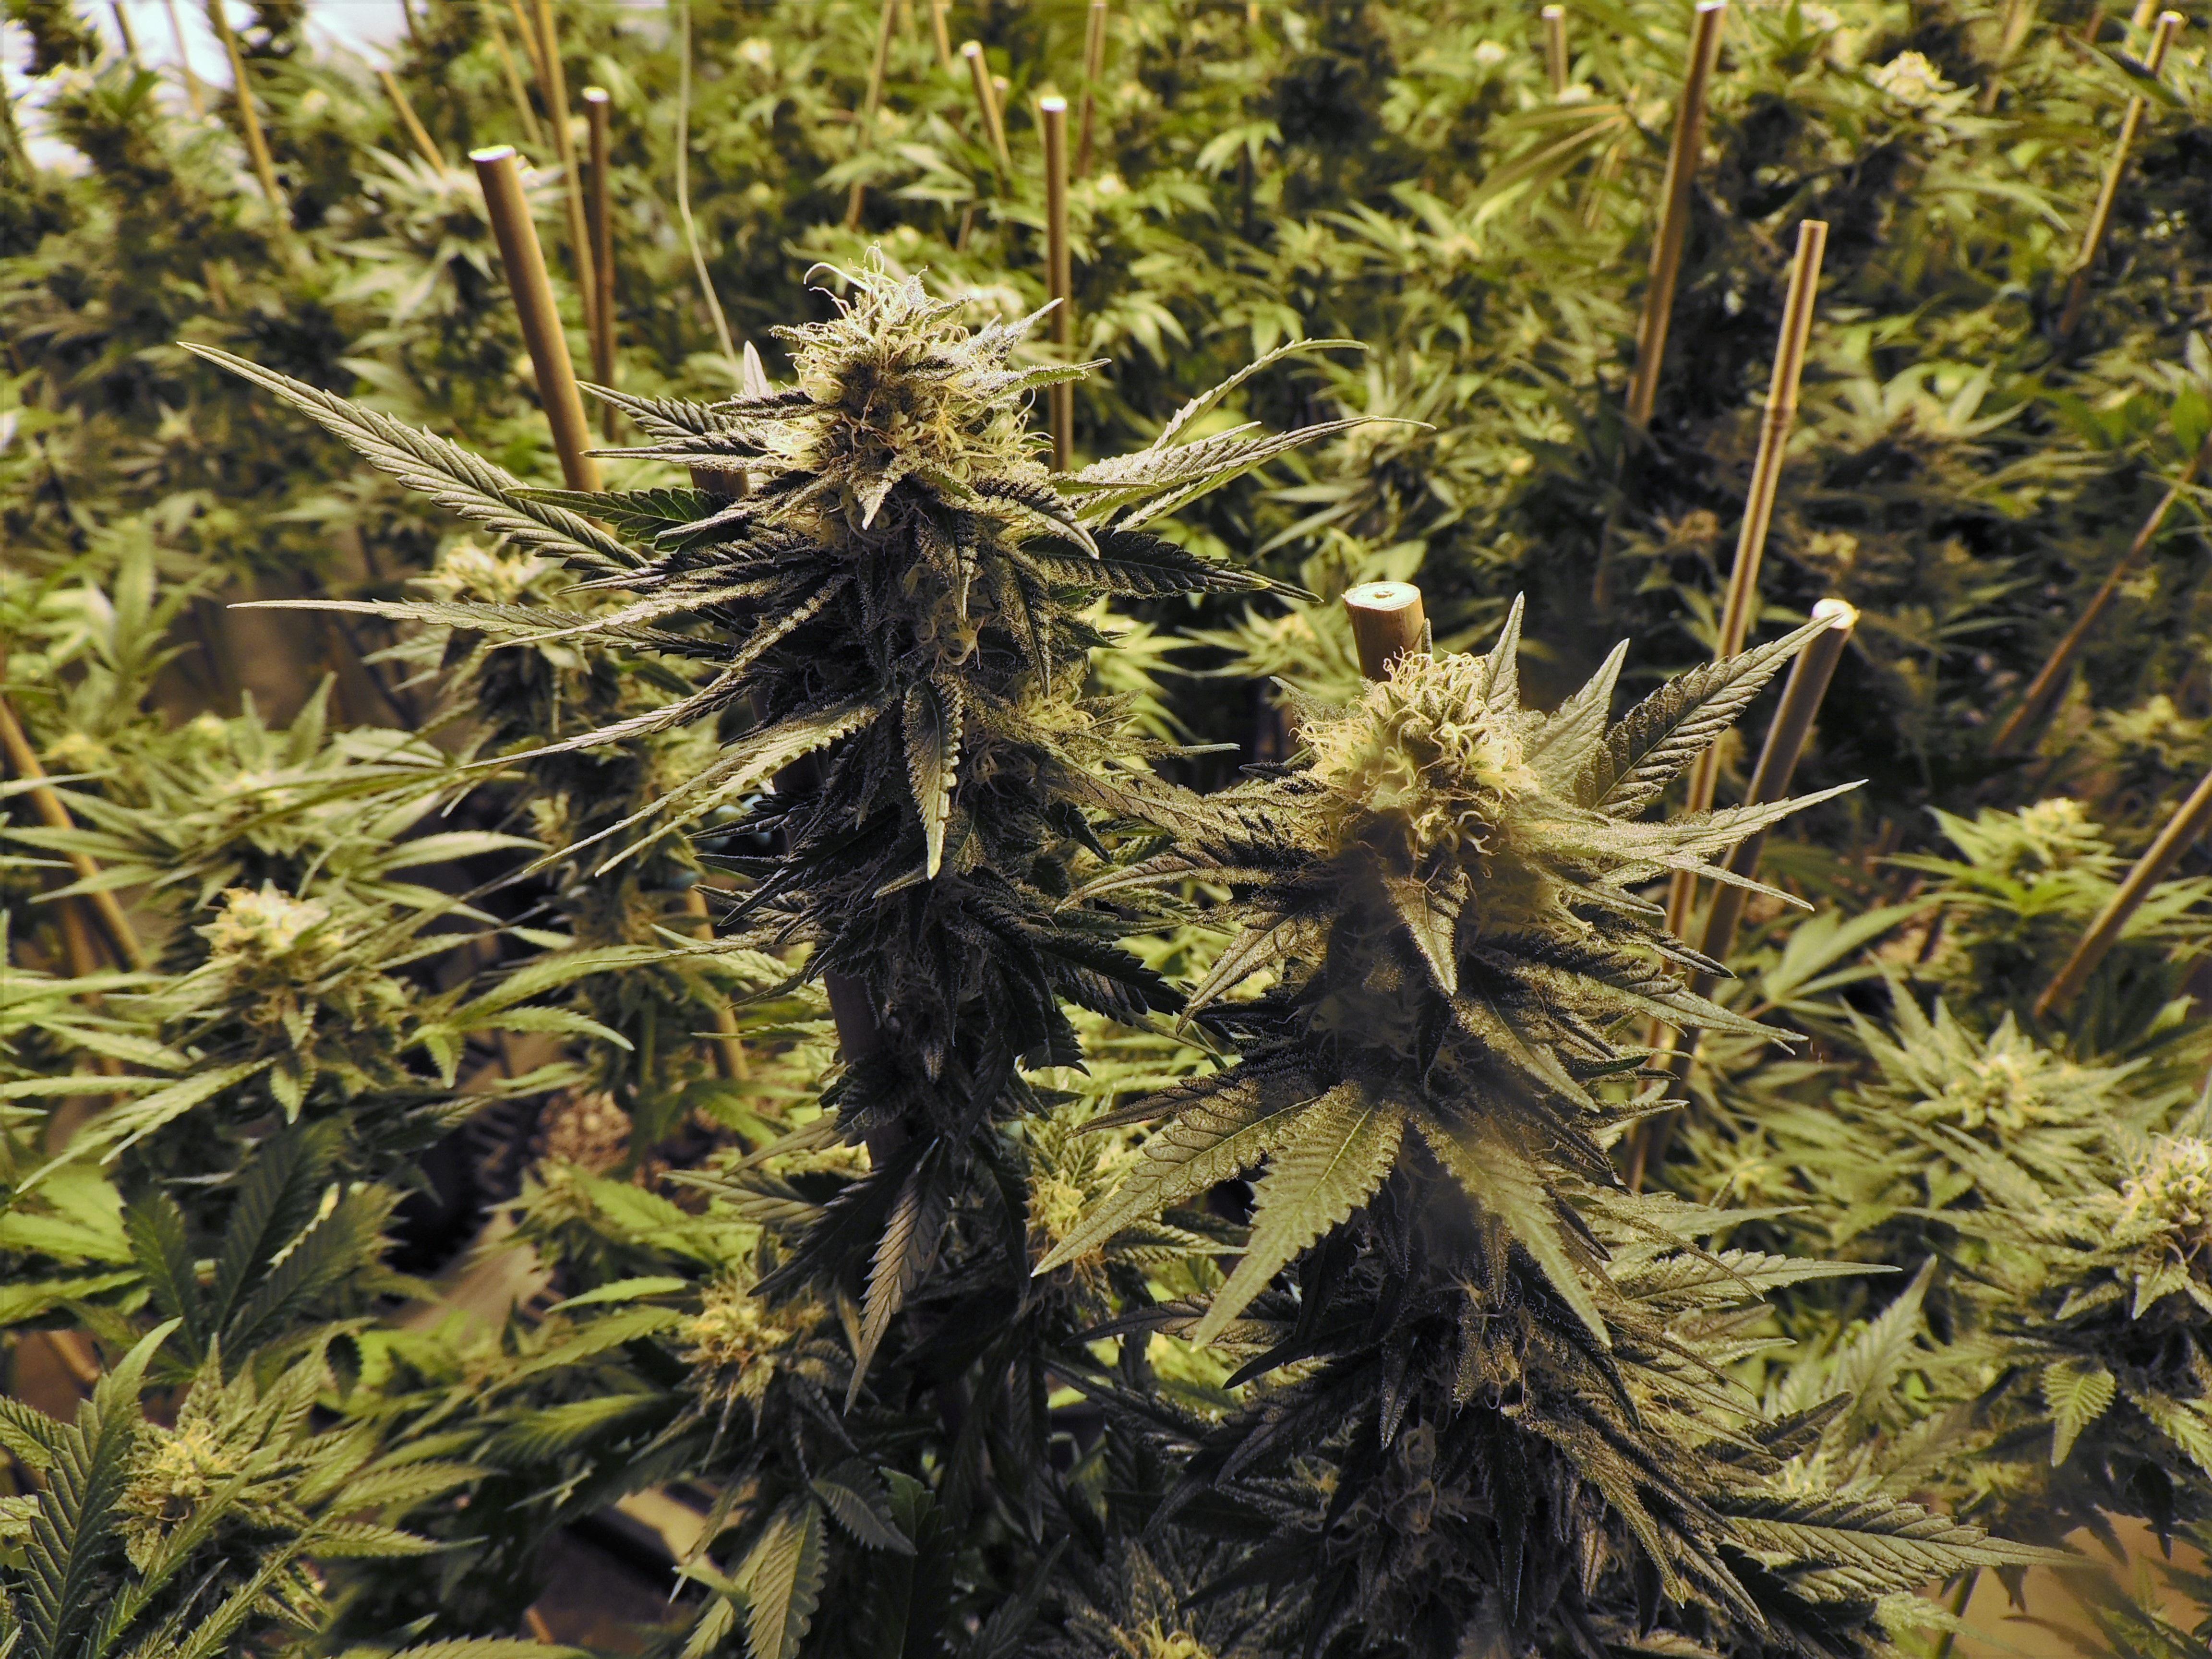 Ботаника марихуаны скачать коноплю картинки